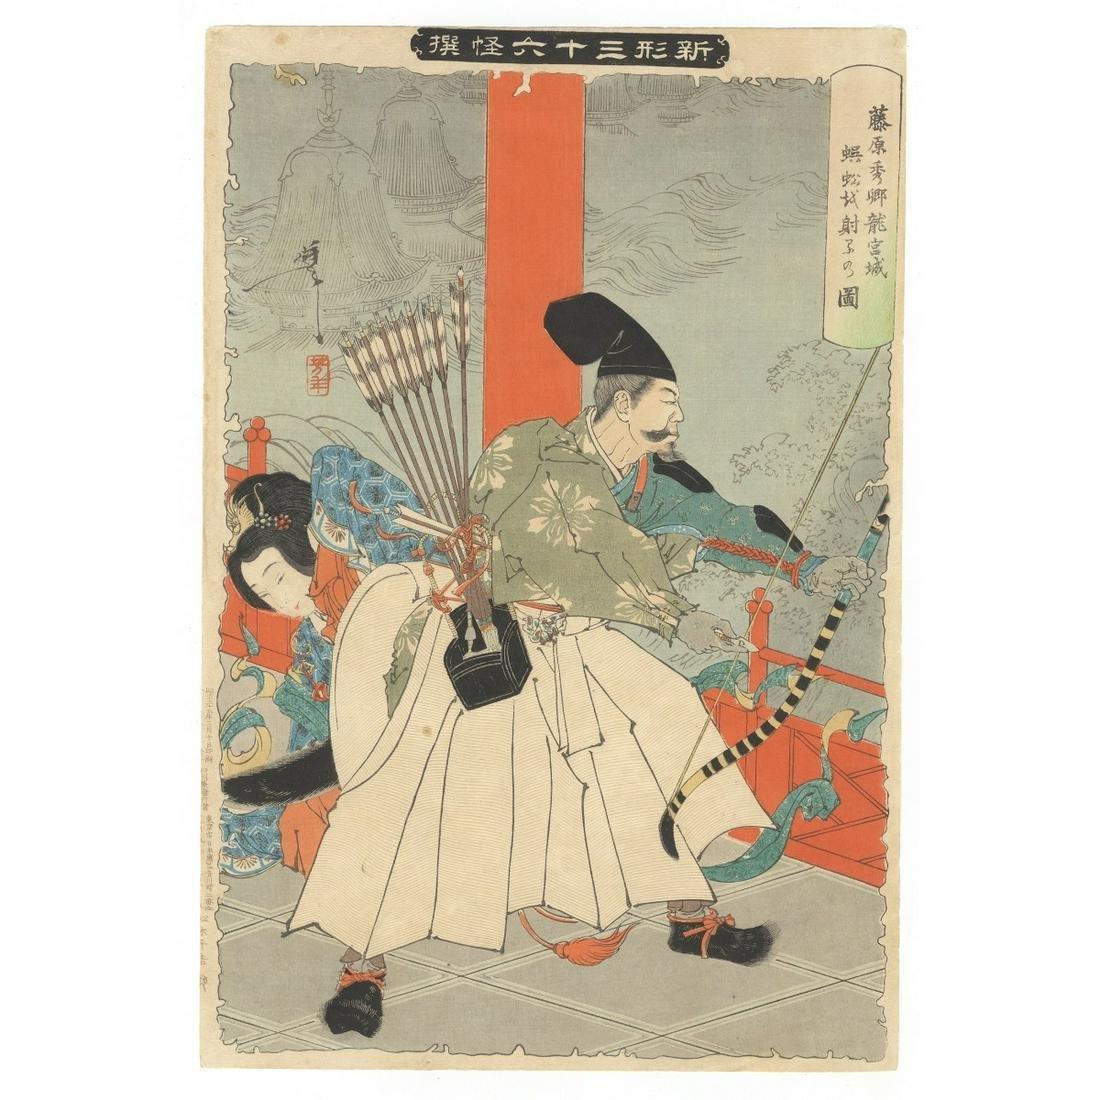 Title: Yoshitoshi Tsukioka, New Forms of Thirty-six